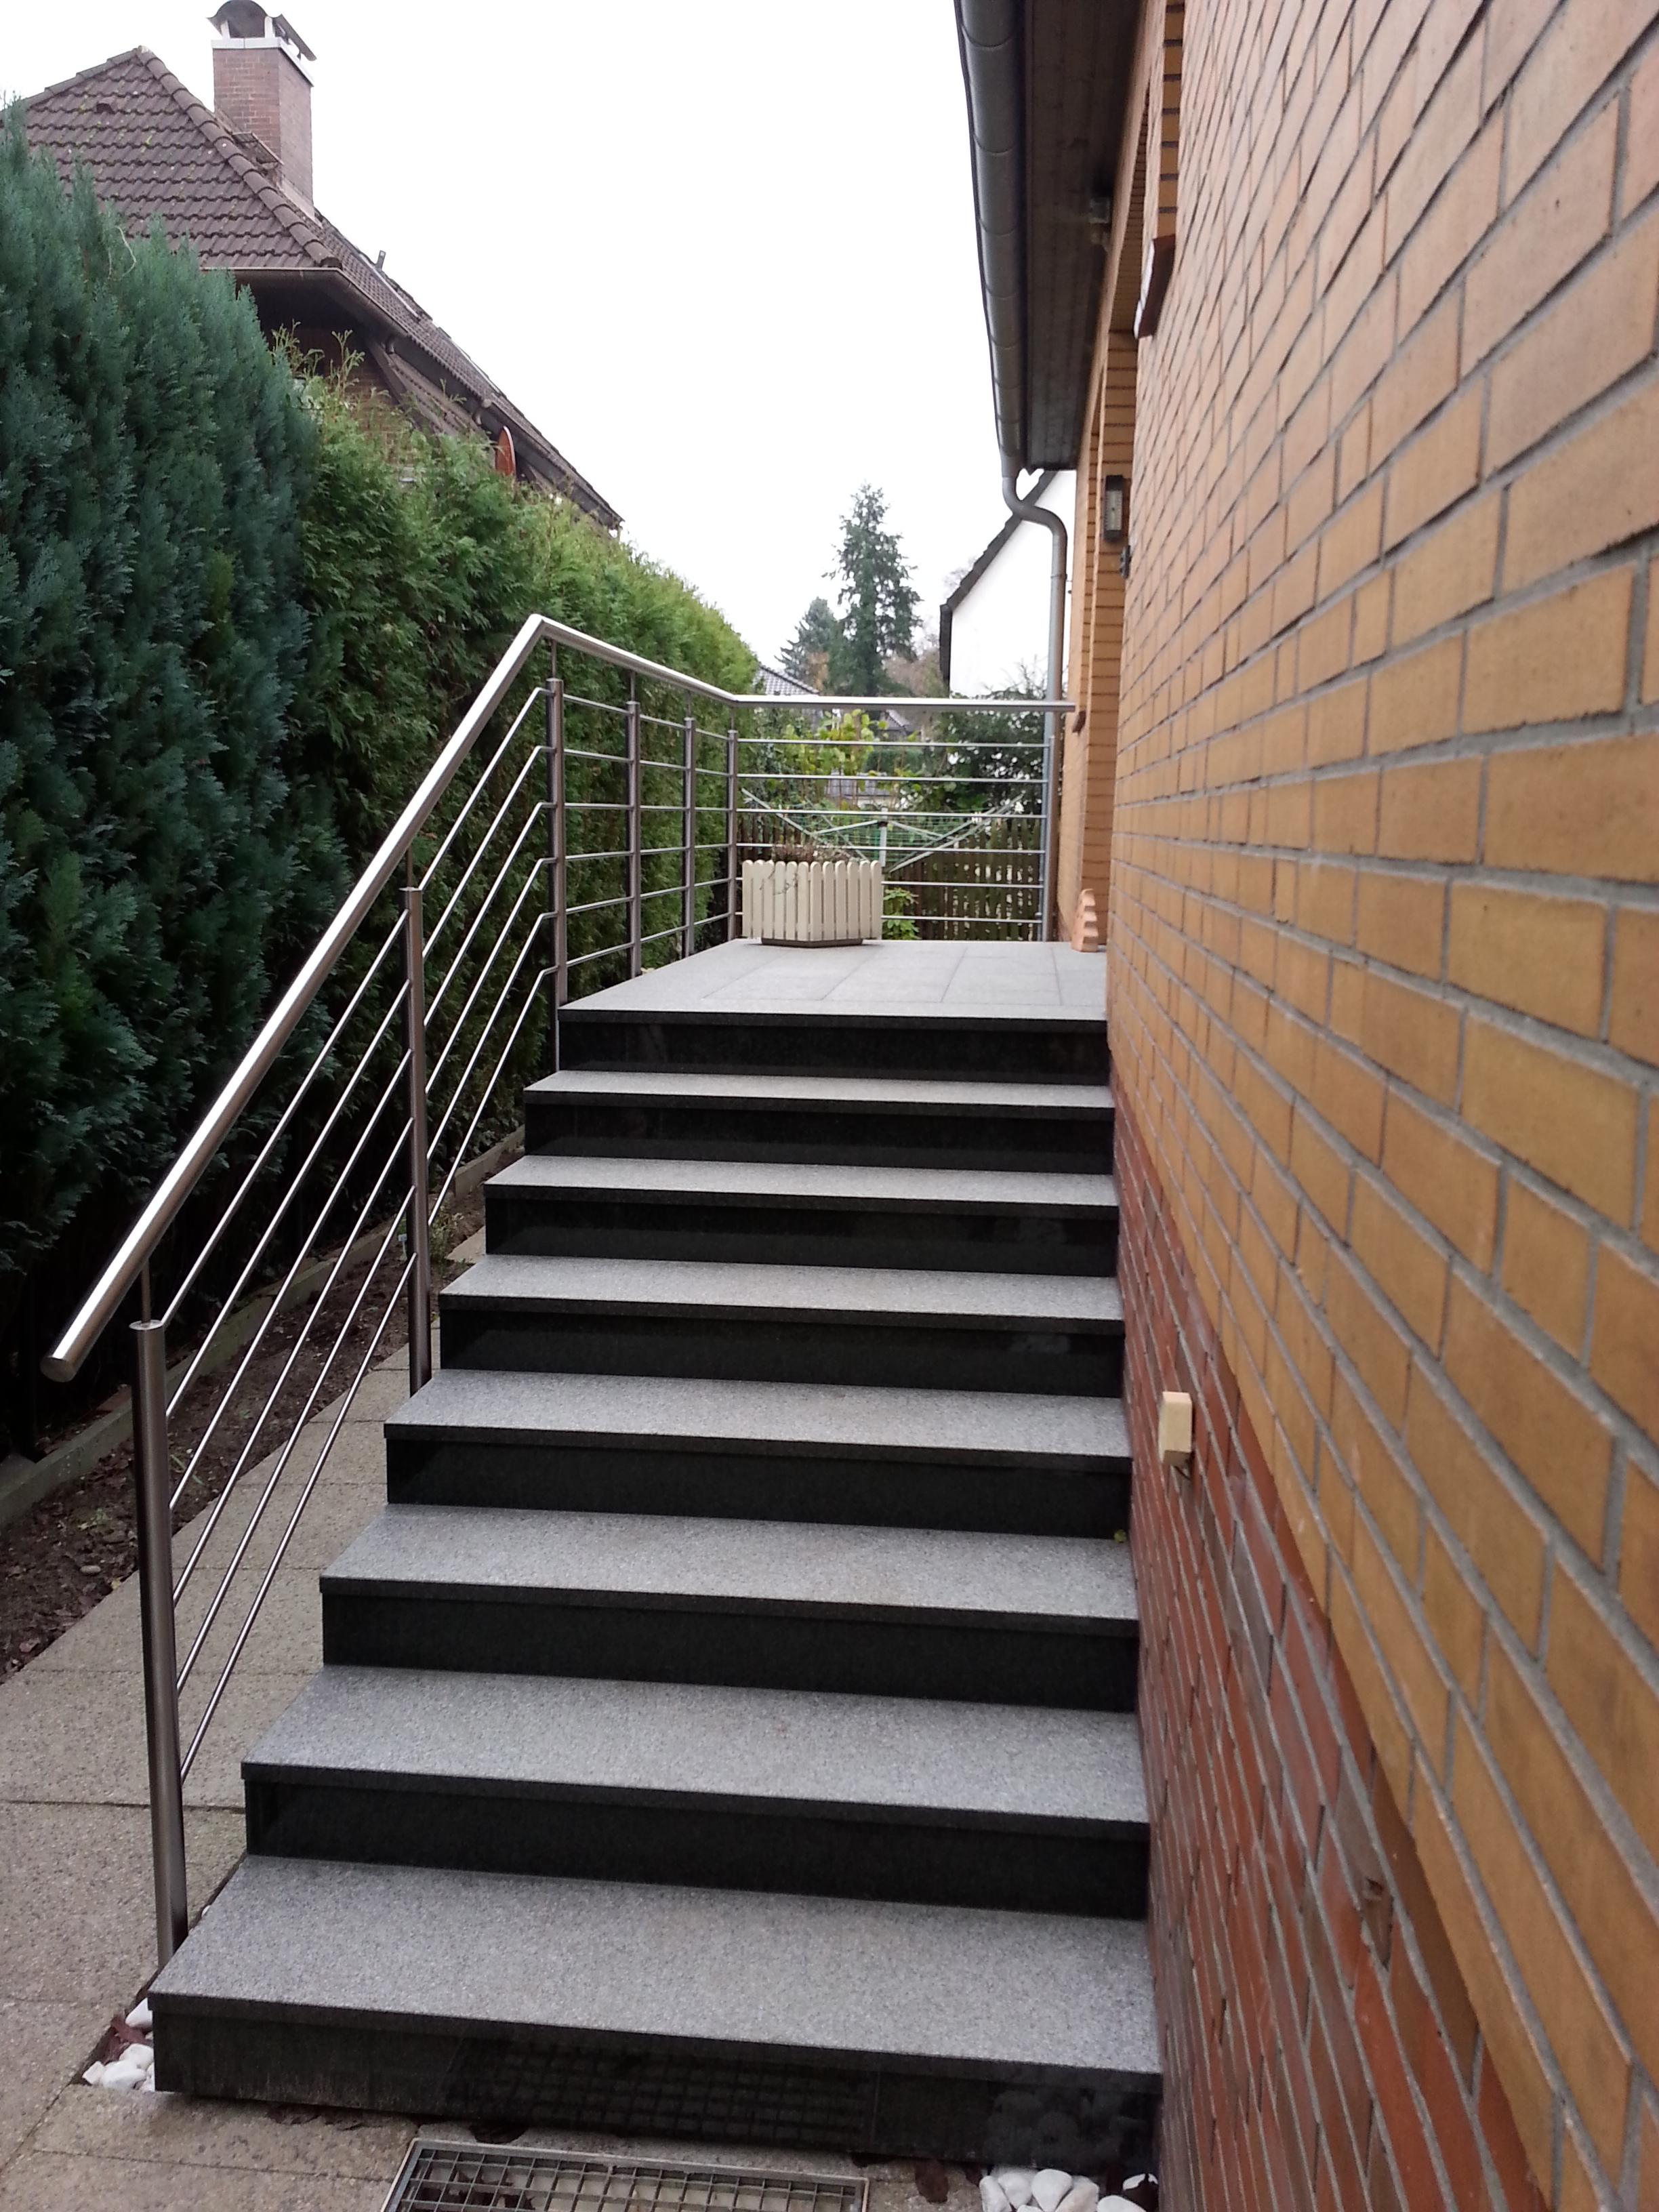 Treppen-und Podestgeländer